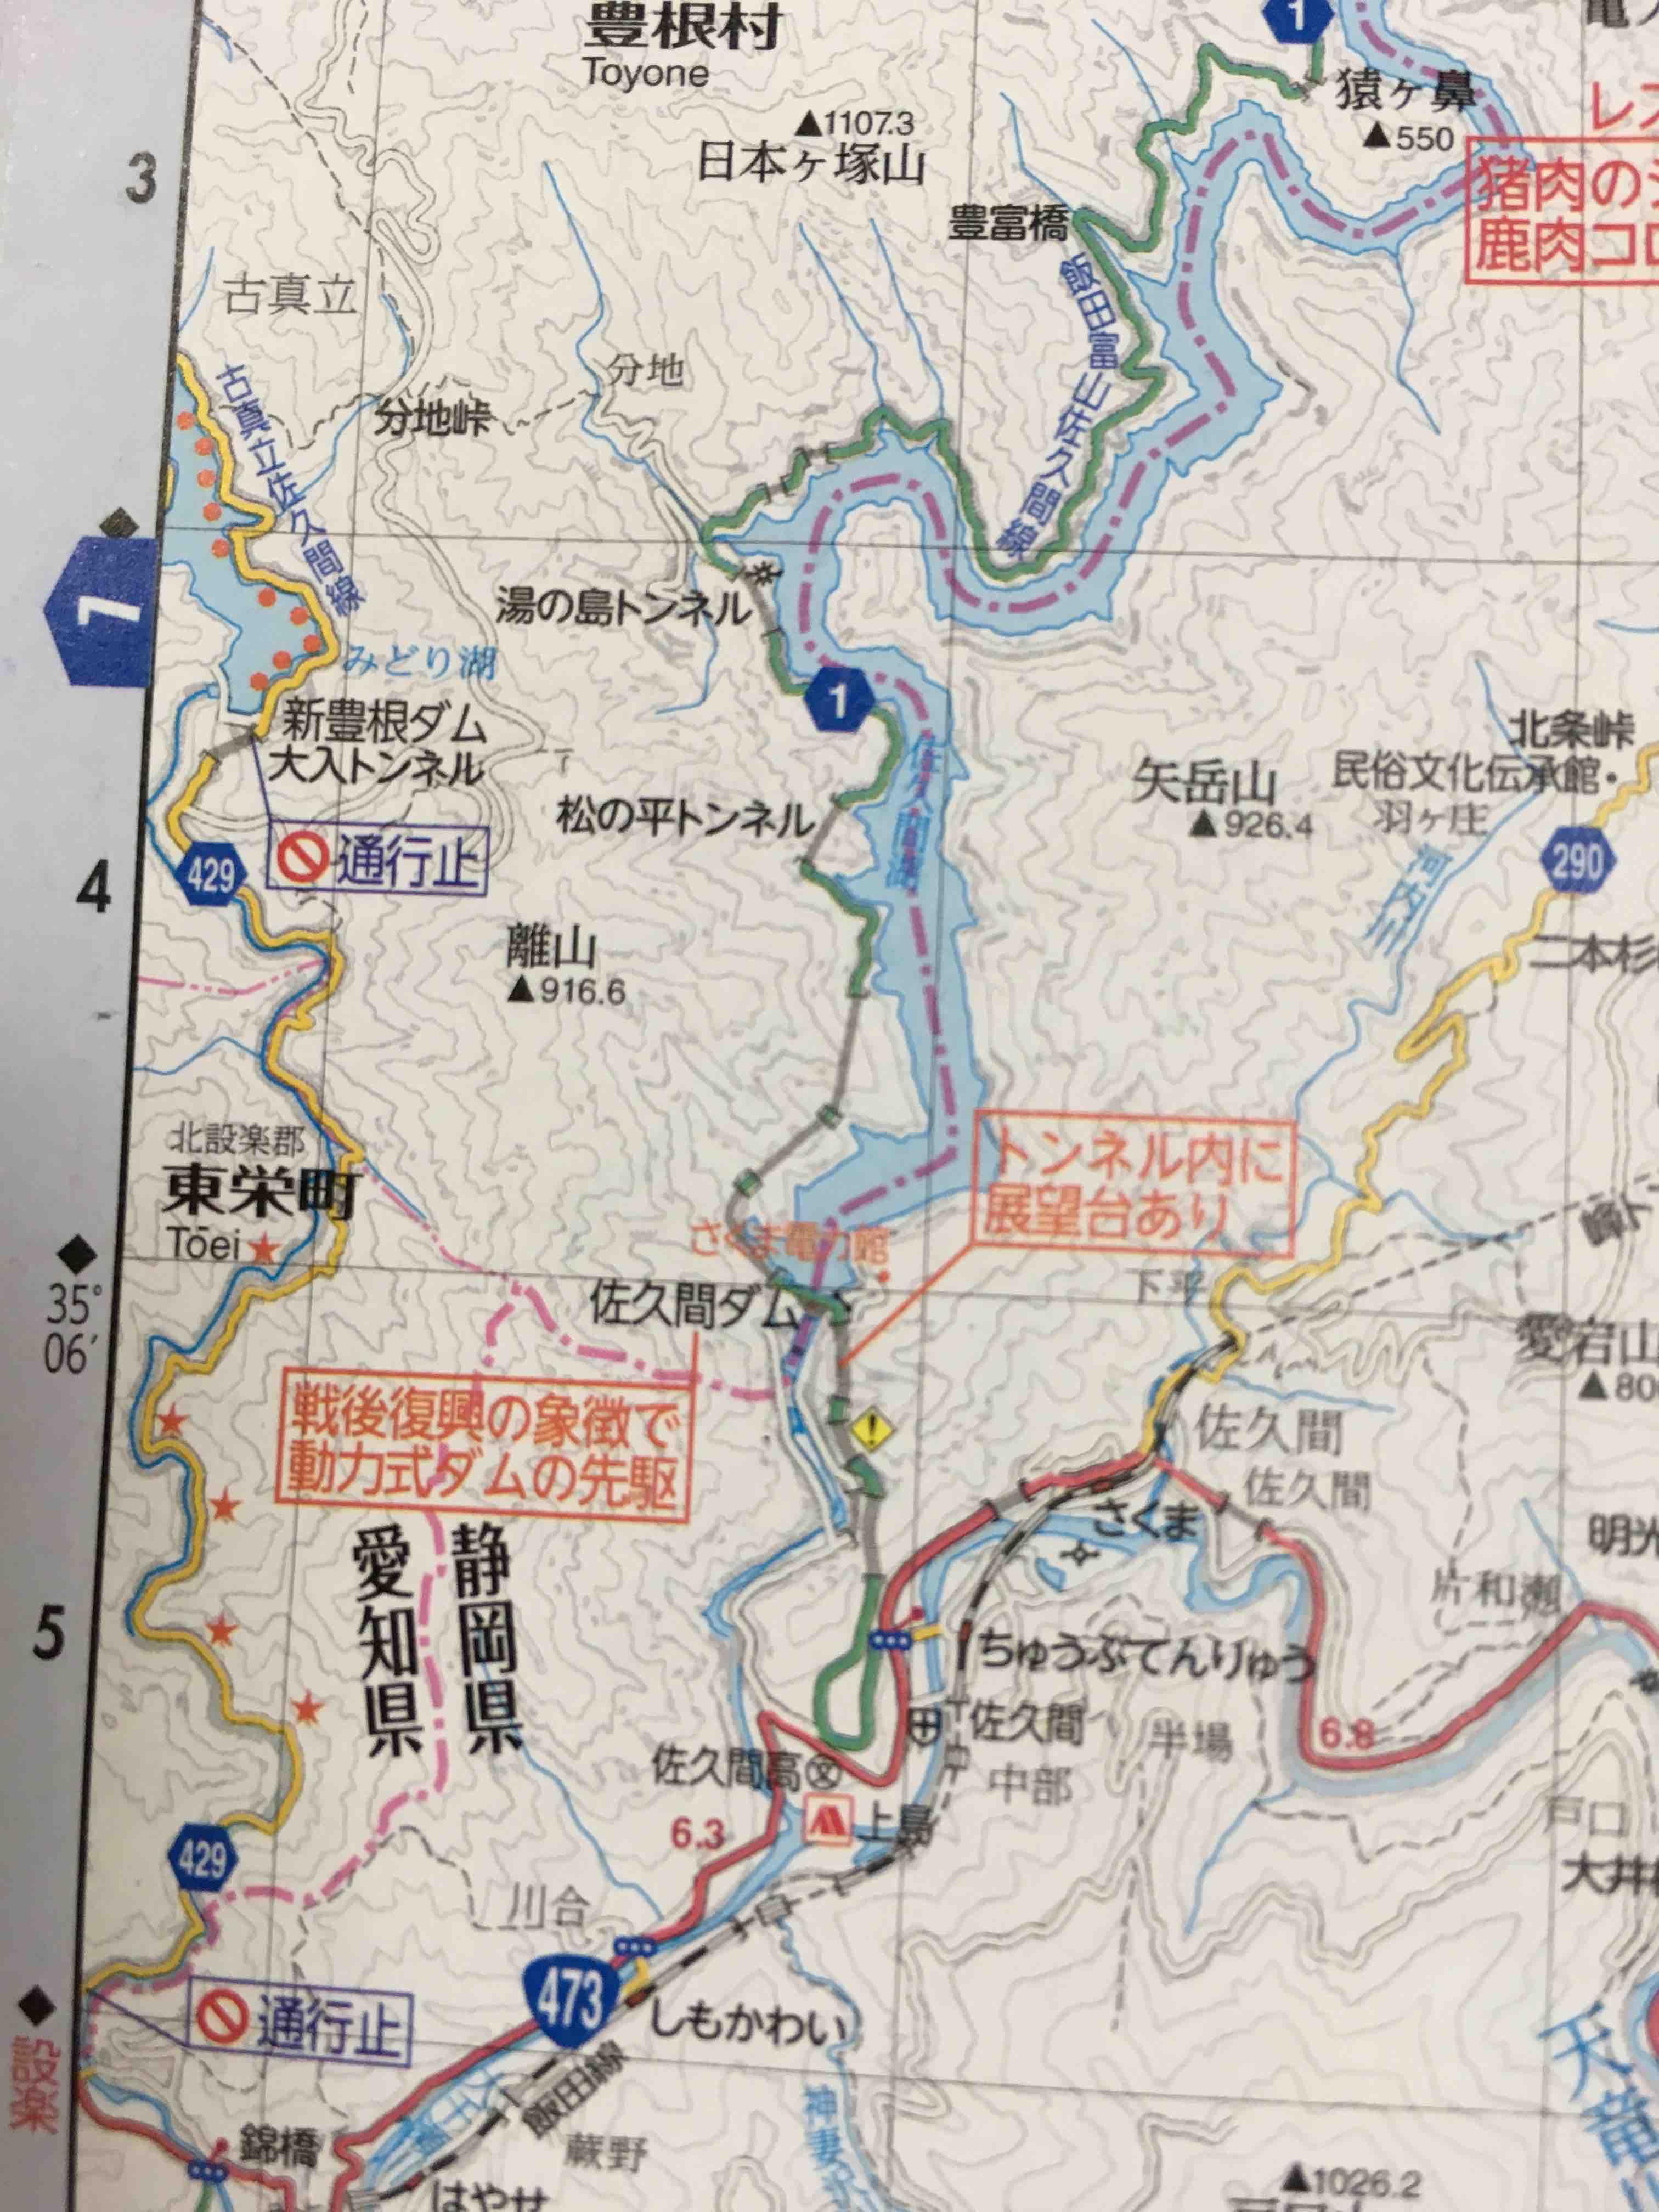 「ツーリングマップル 2017 関東甲信越」にミスプリを発見_d0164691_21151989.jpg